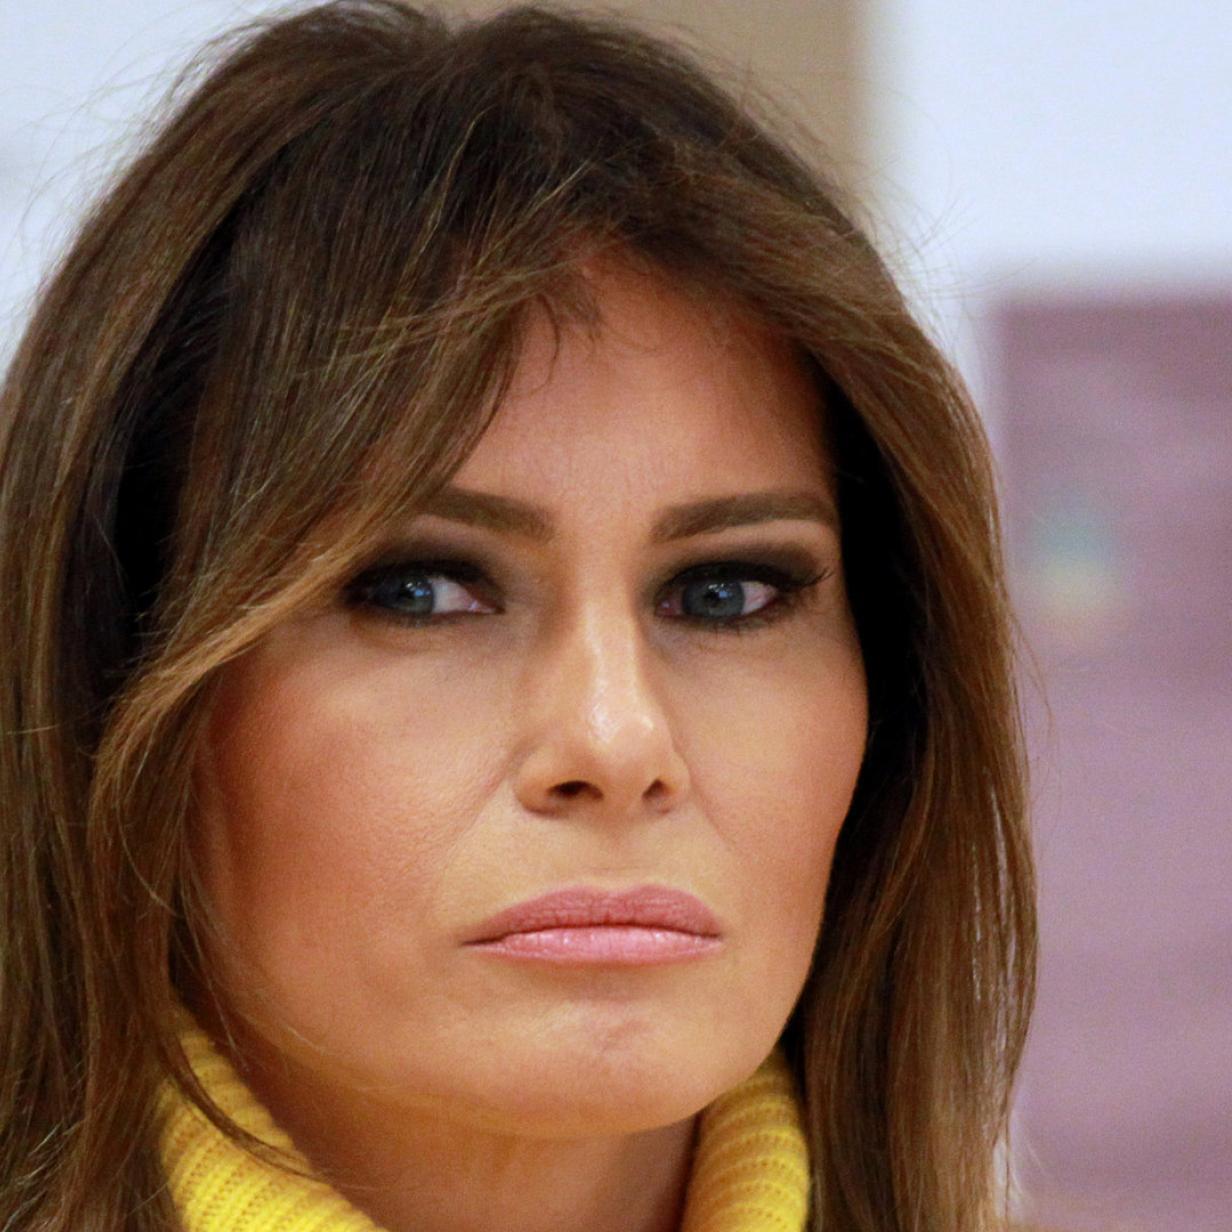 Bette Midler schreibt beleidigendes Gedicht über Melania Trump